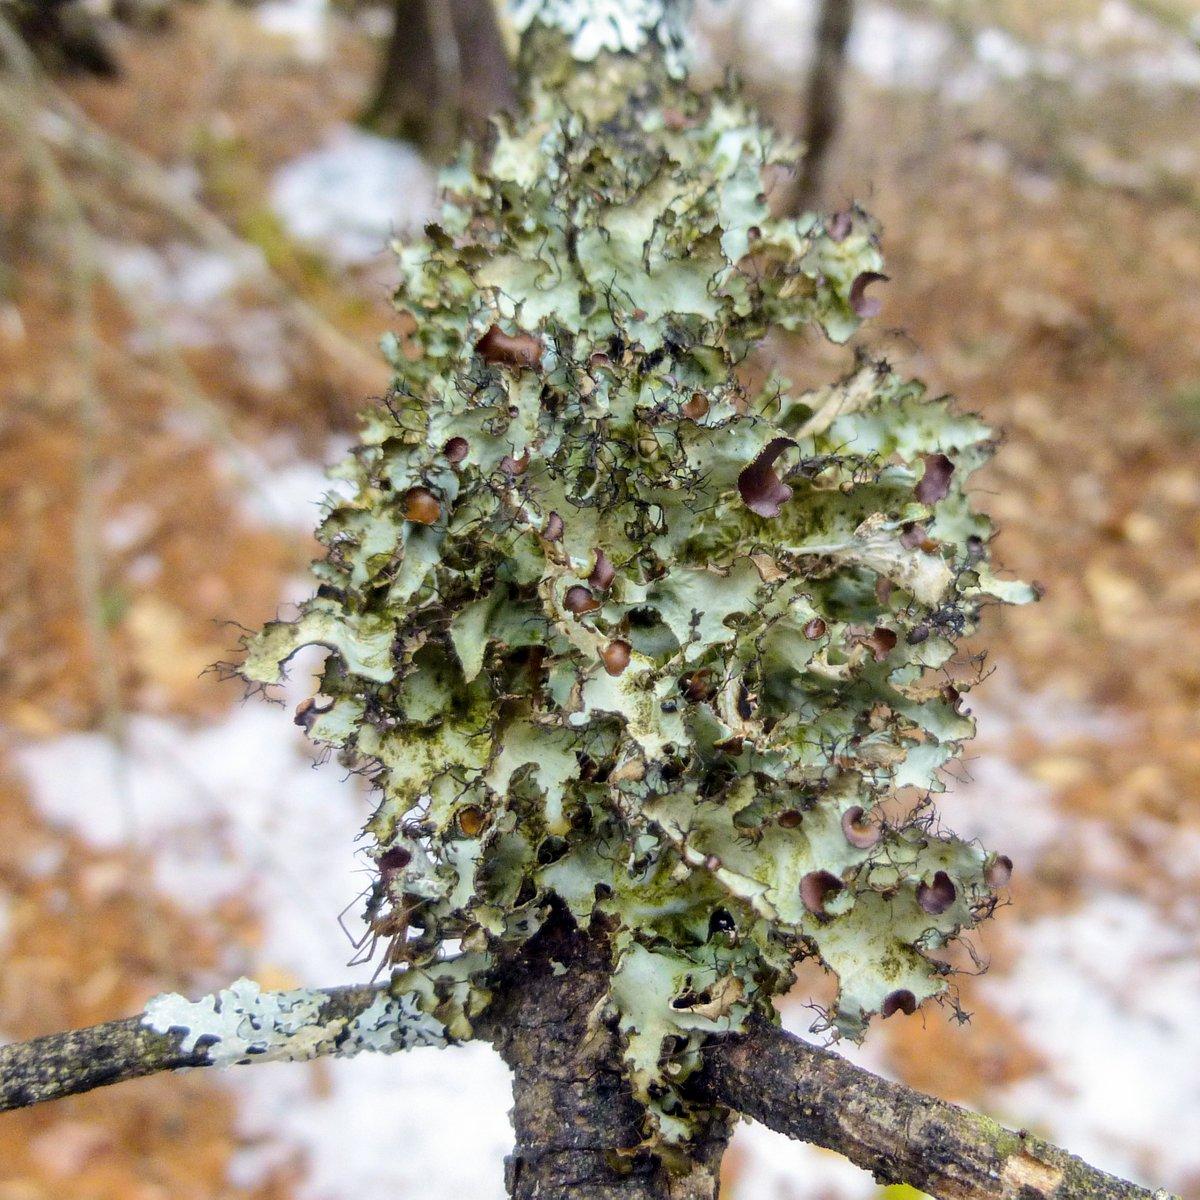 13. Northern Camouflage Lichen